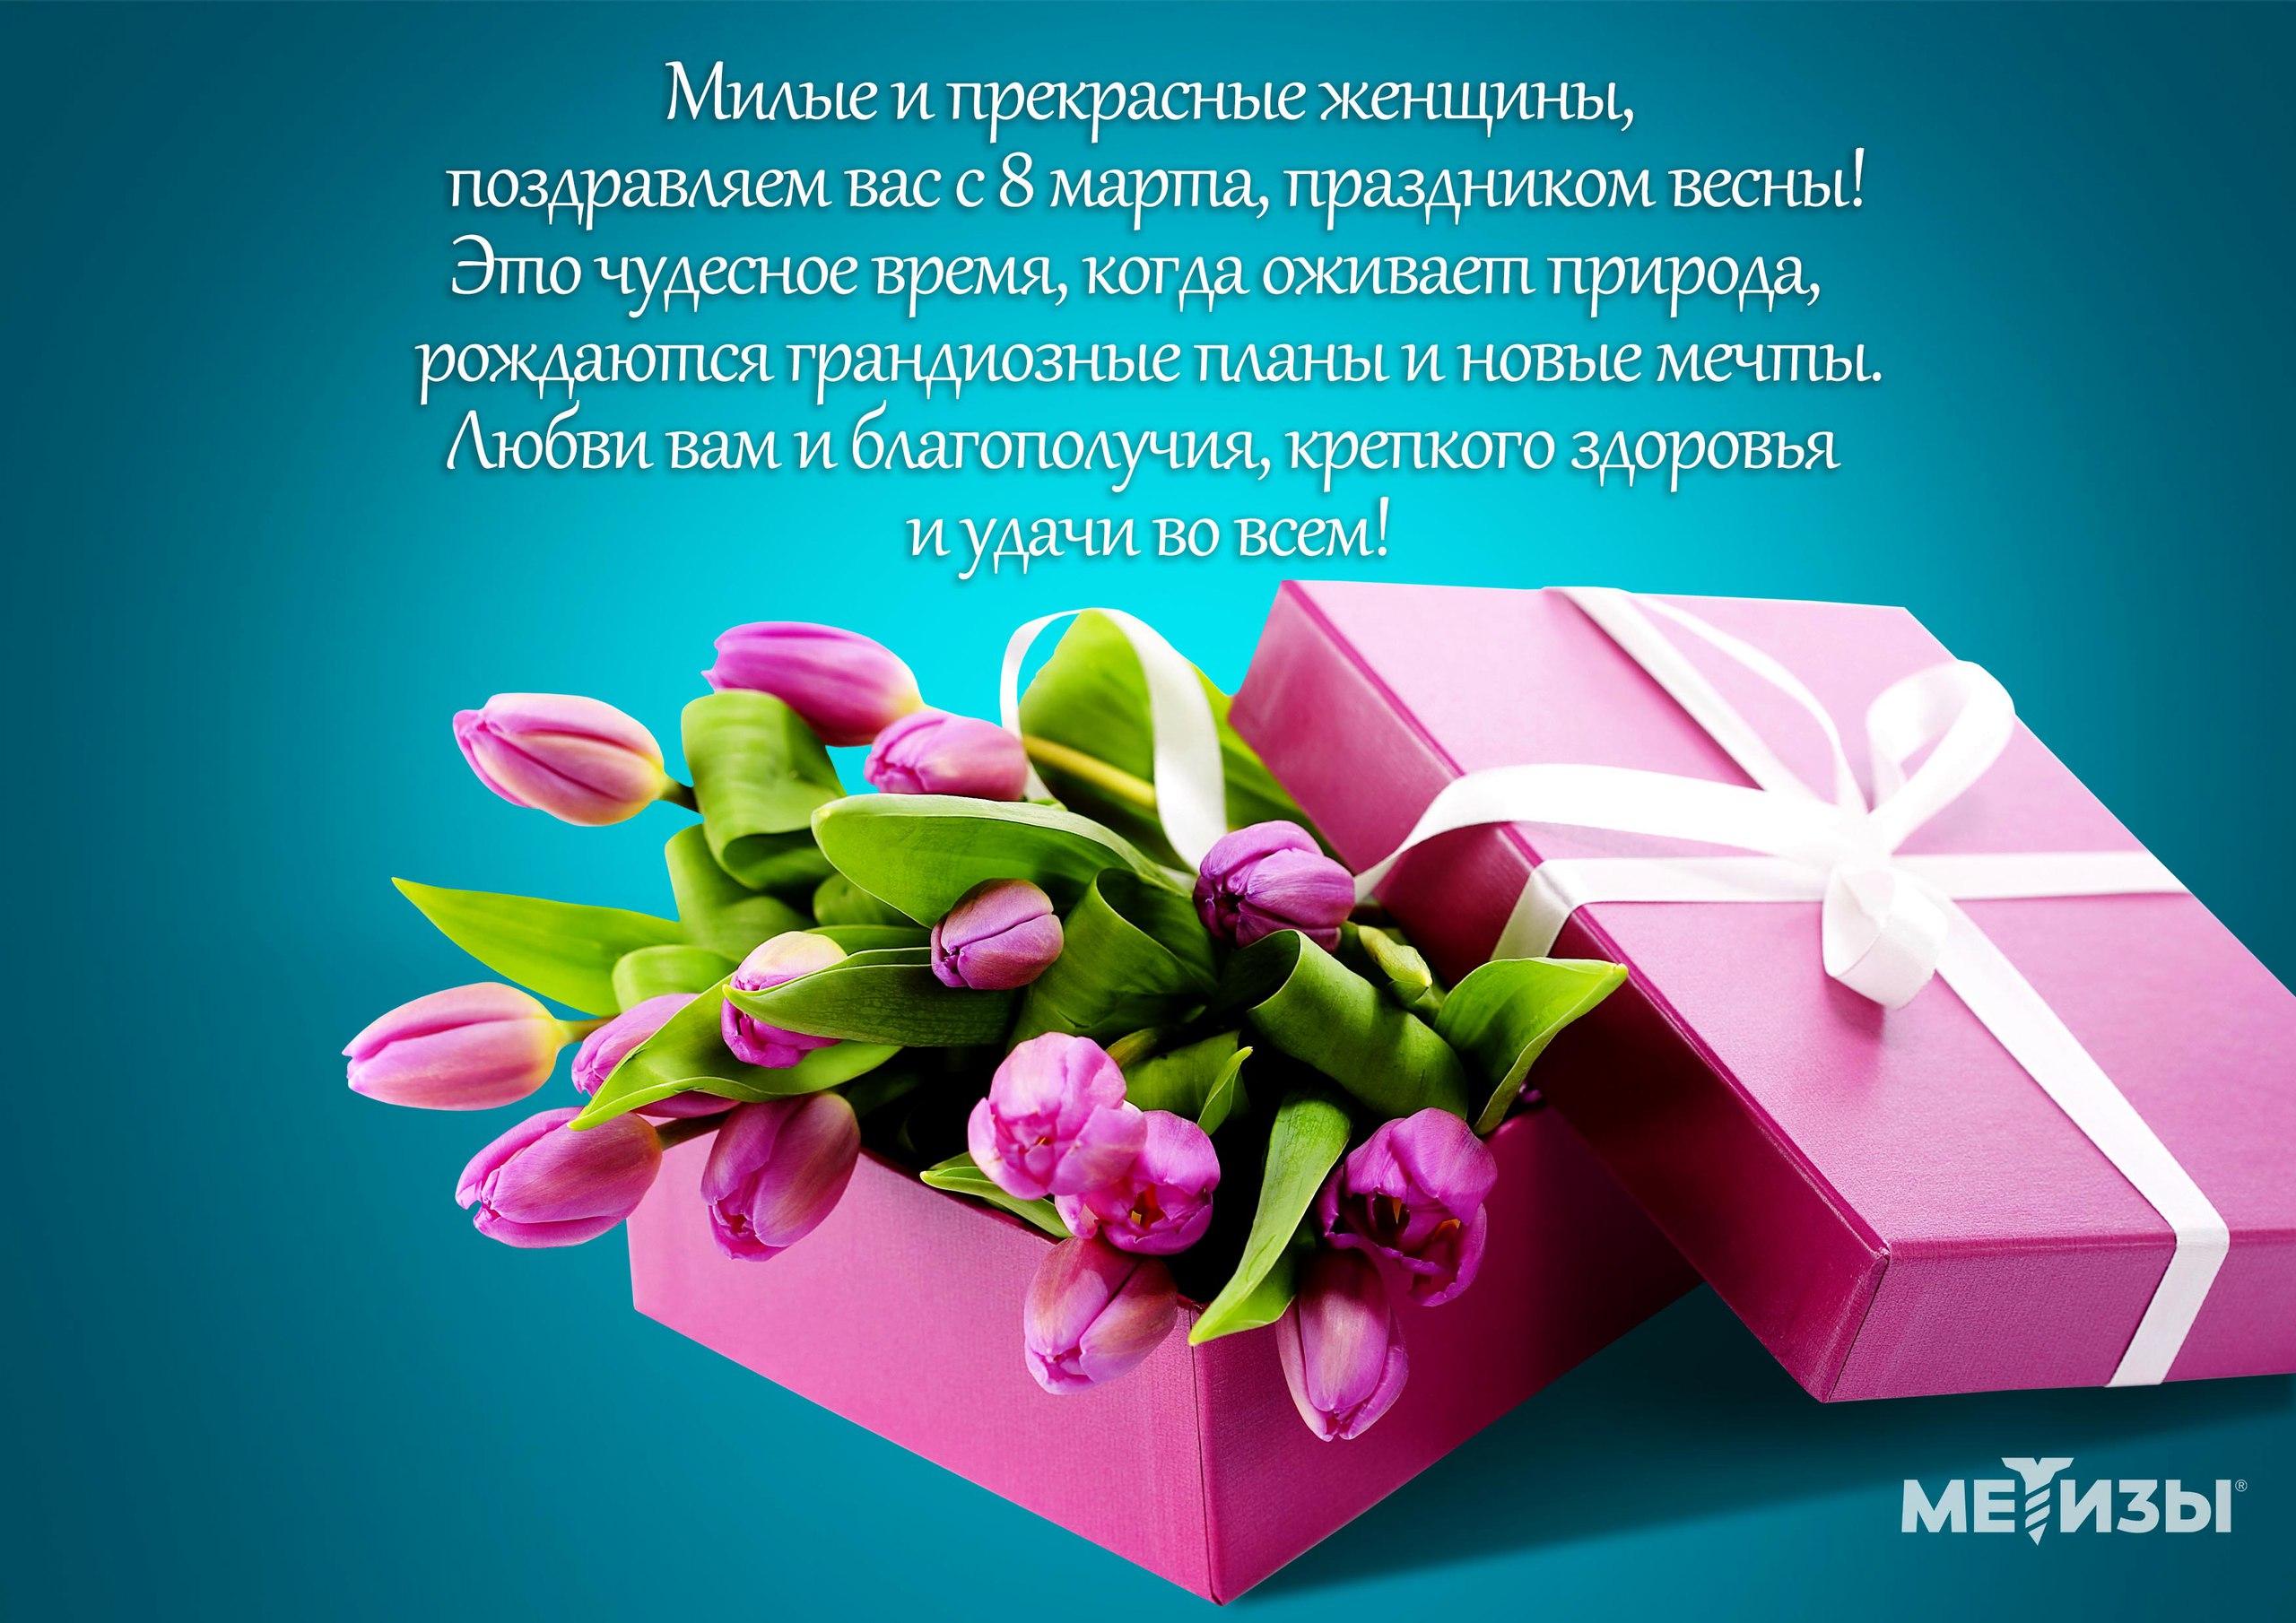 Голосовое поздравление с праздником 8 марта